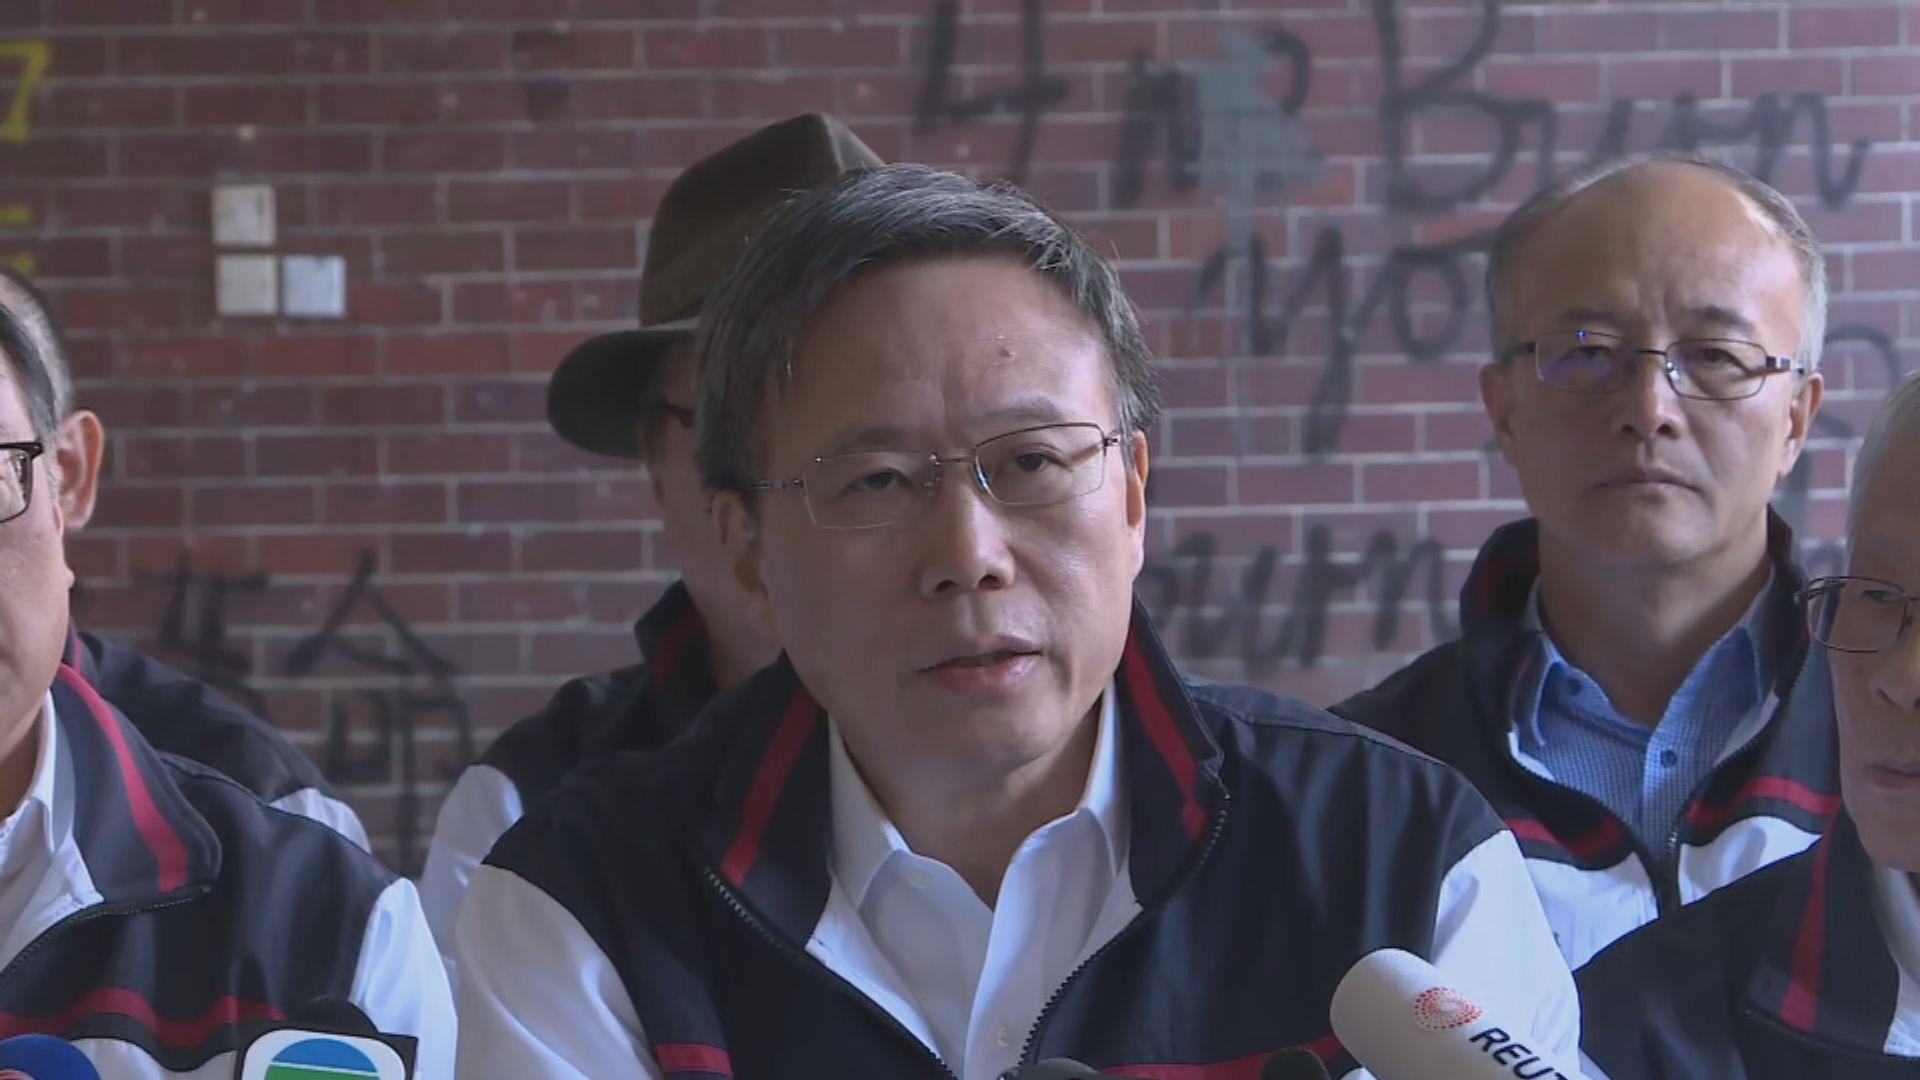 滕錦光認為理大事件和平解決 避過更大浩劫